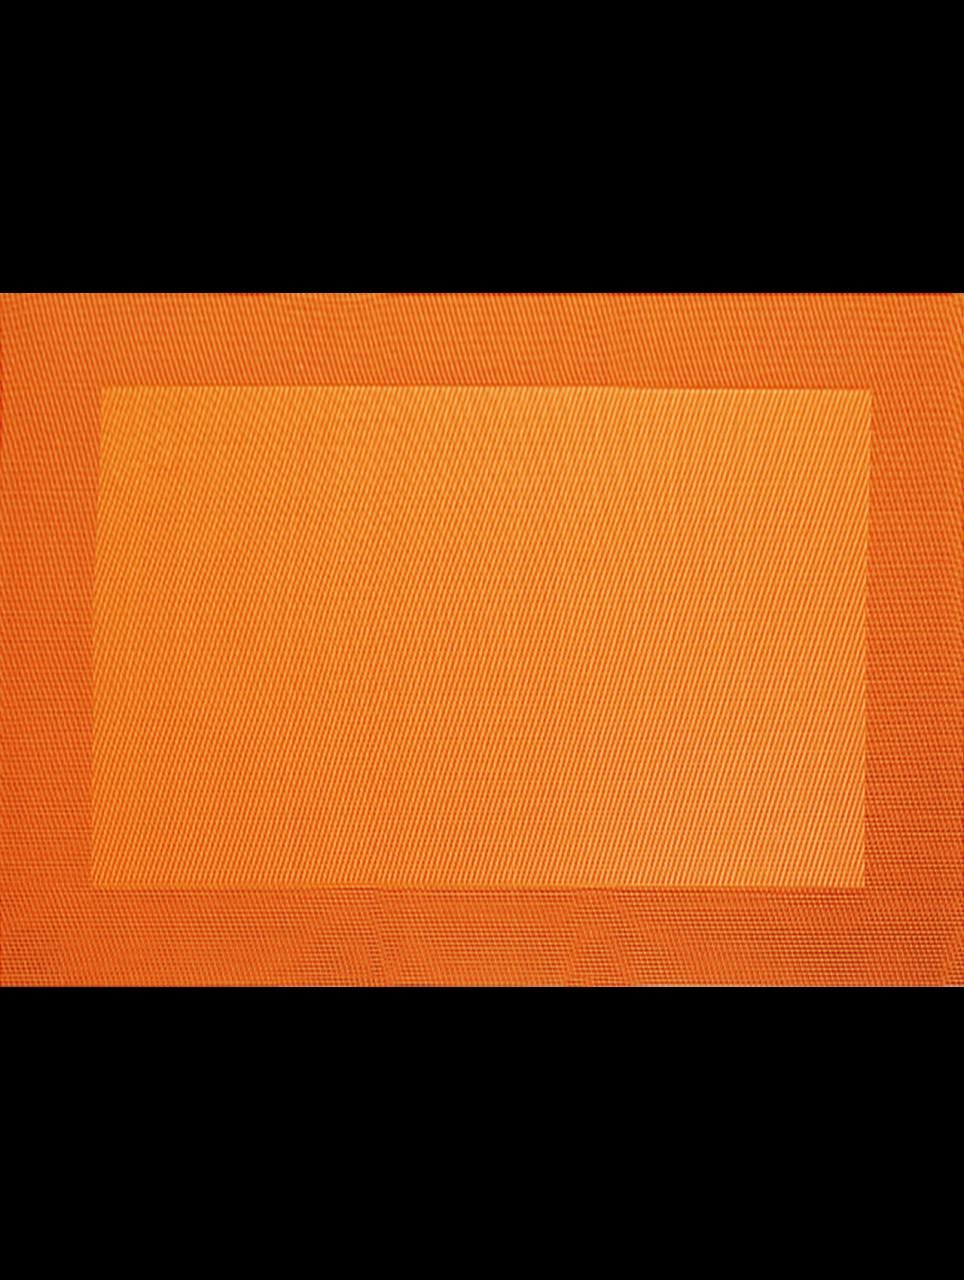 Tischset, orange